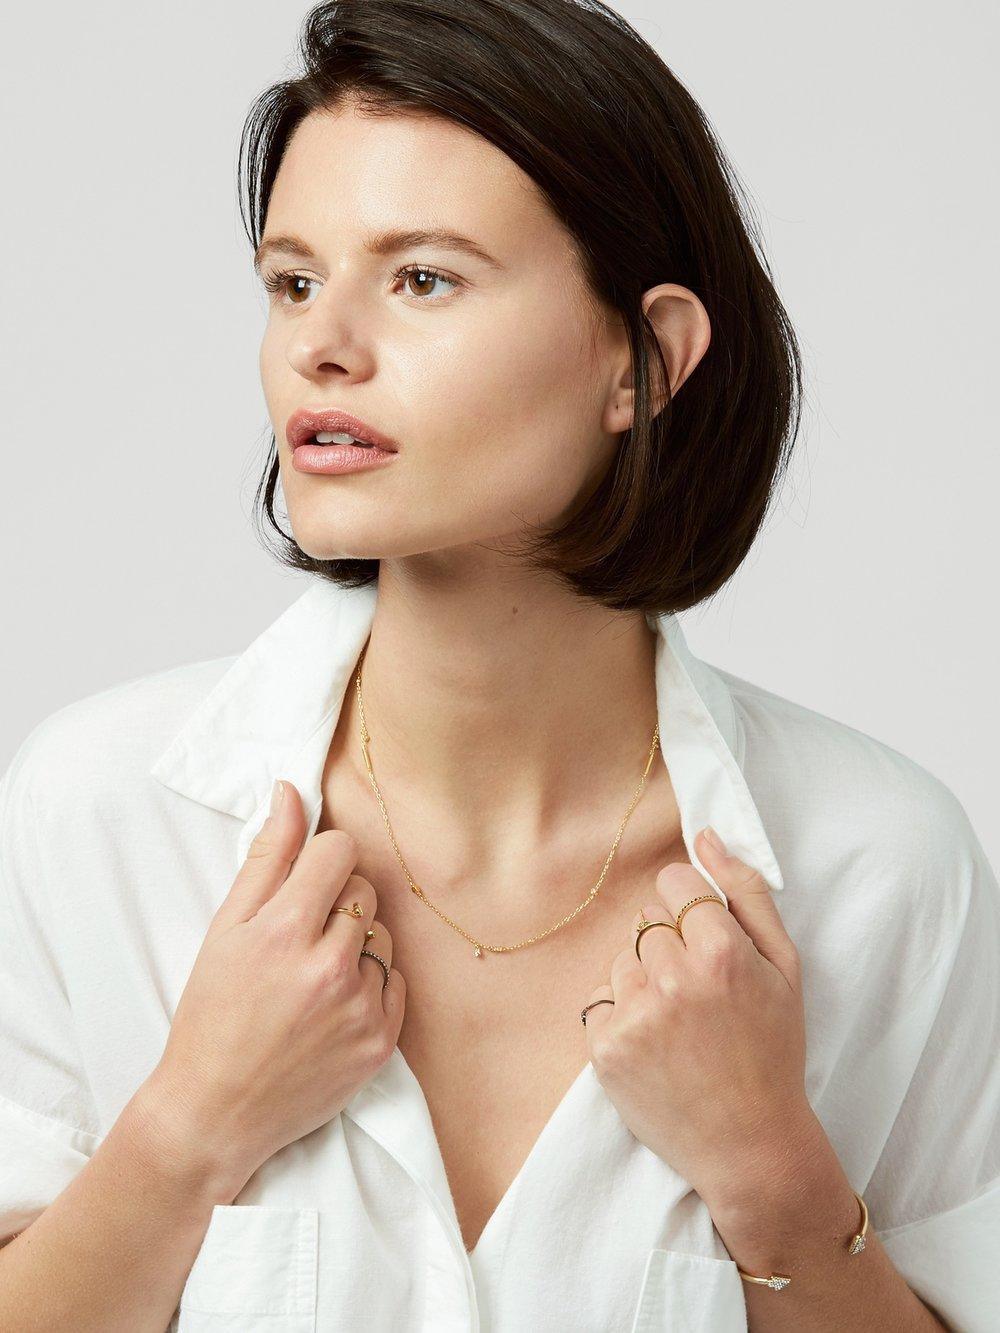 Milkyway necklace (USD$34.00)